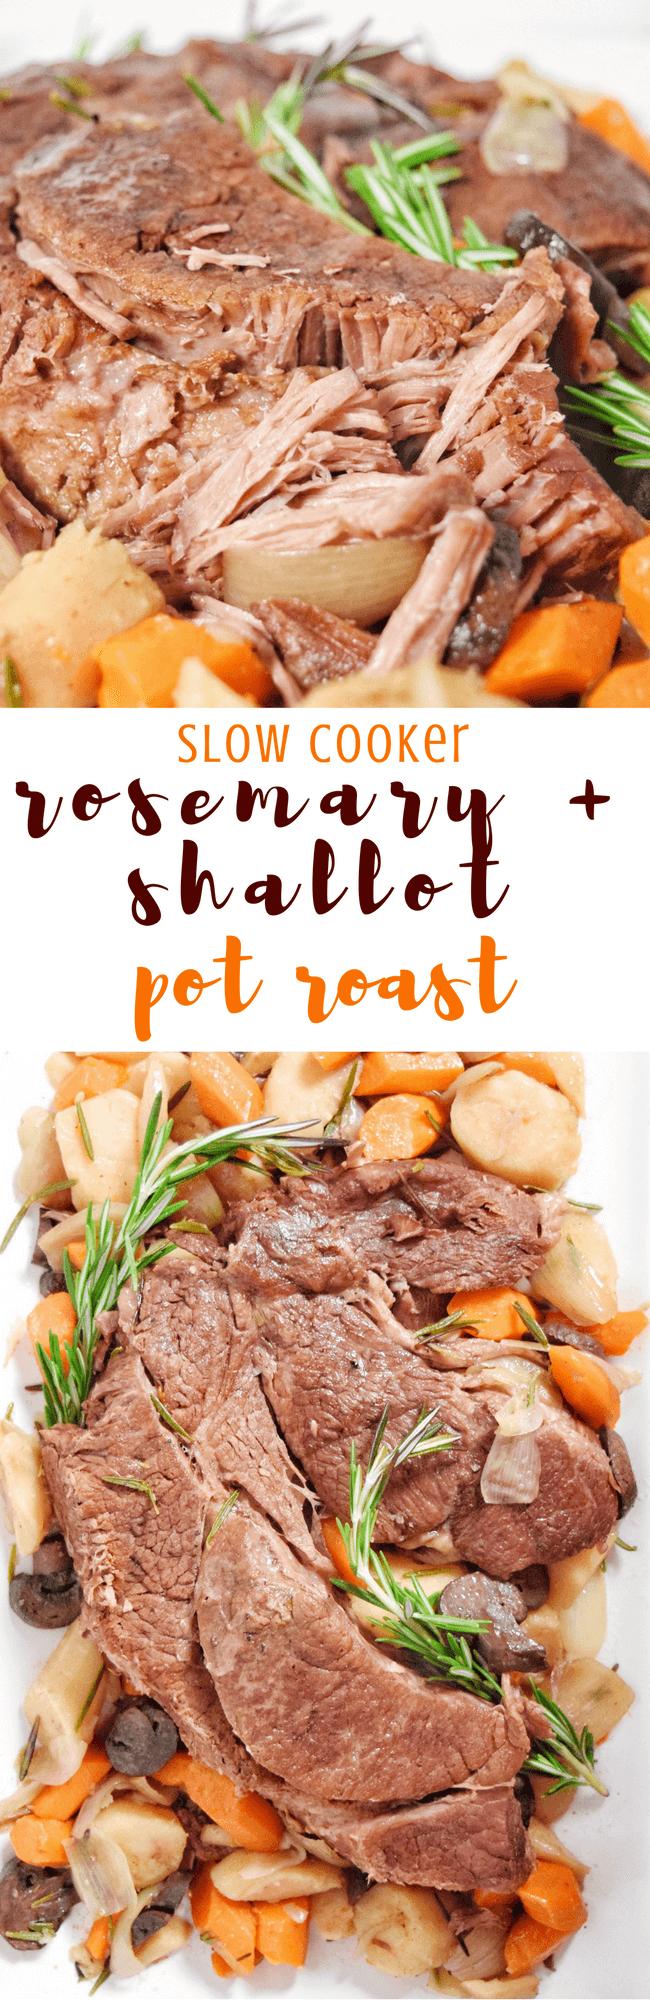 Slow Cooker Rosemary + Shallot Pot Roast (Paleo, Whole 30)   Personally Paleo